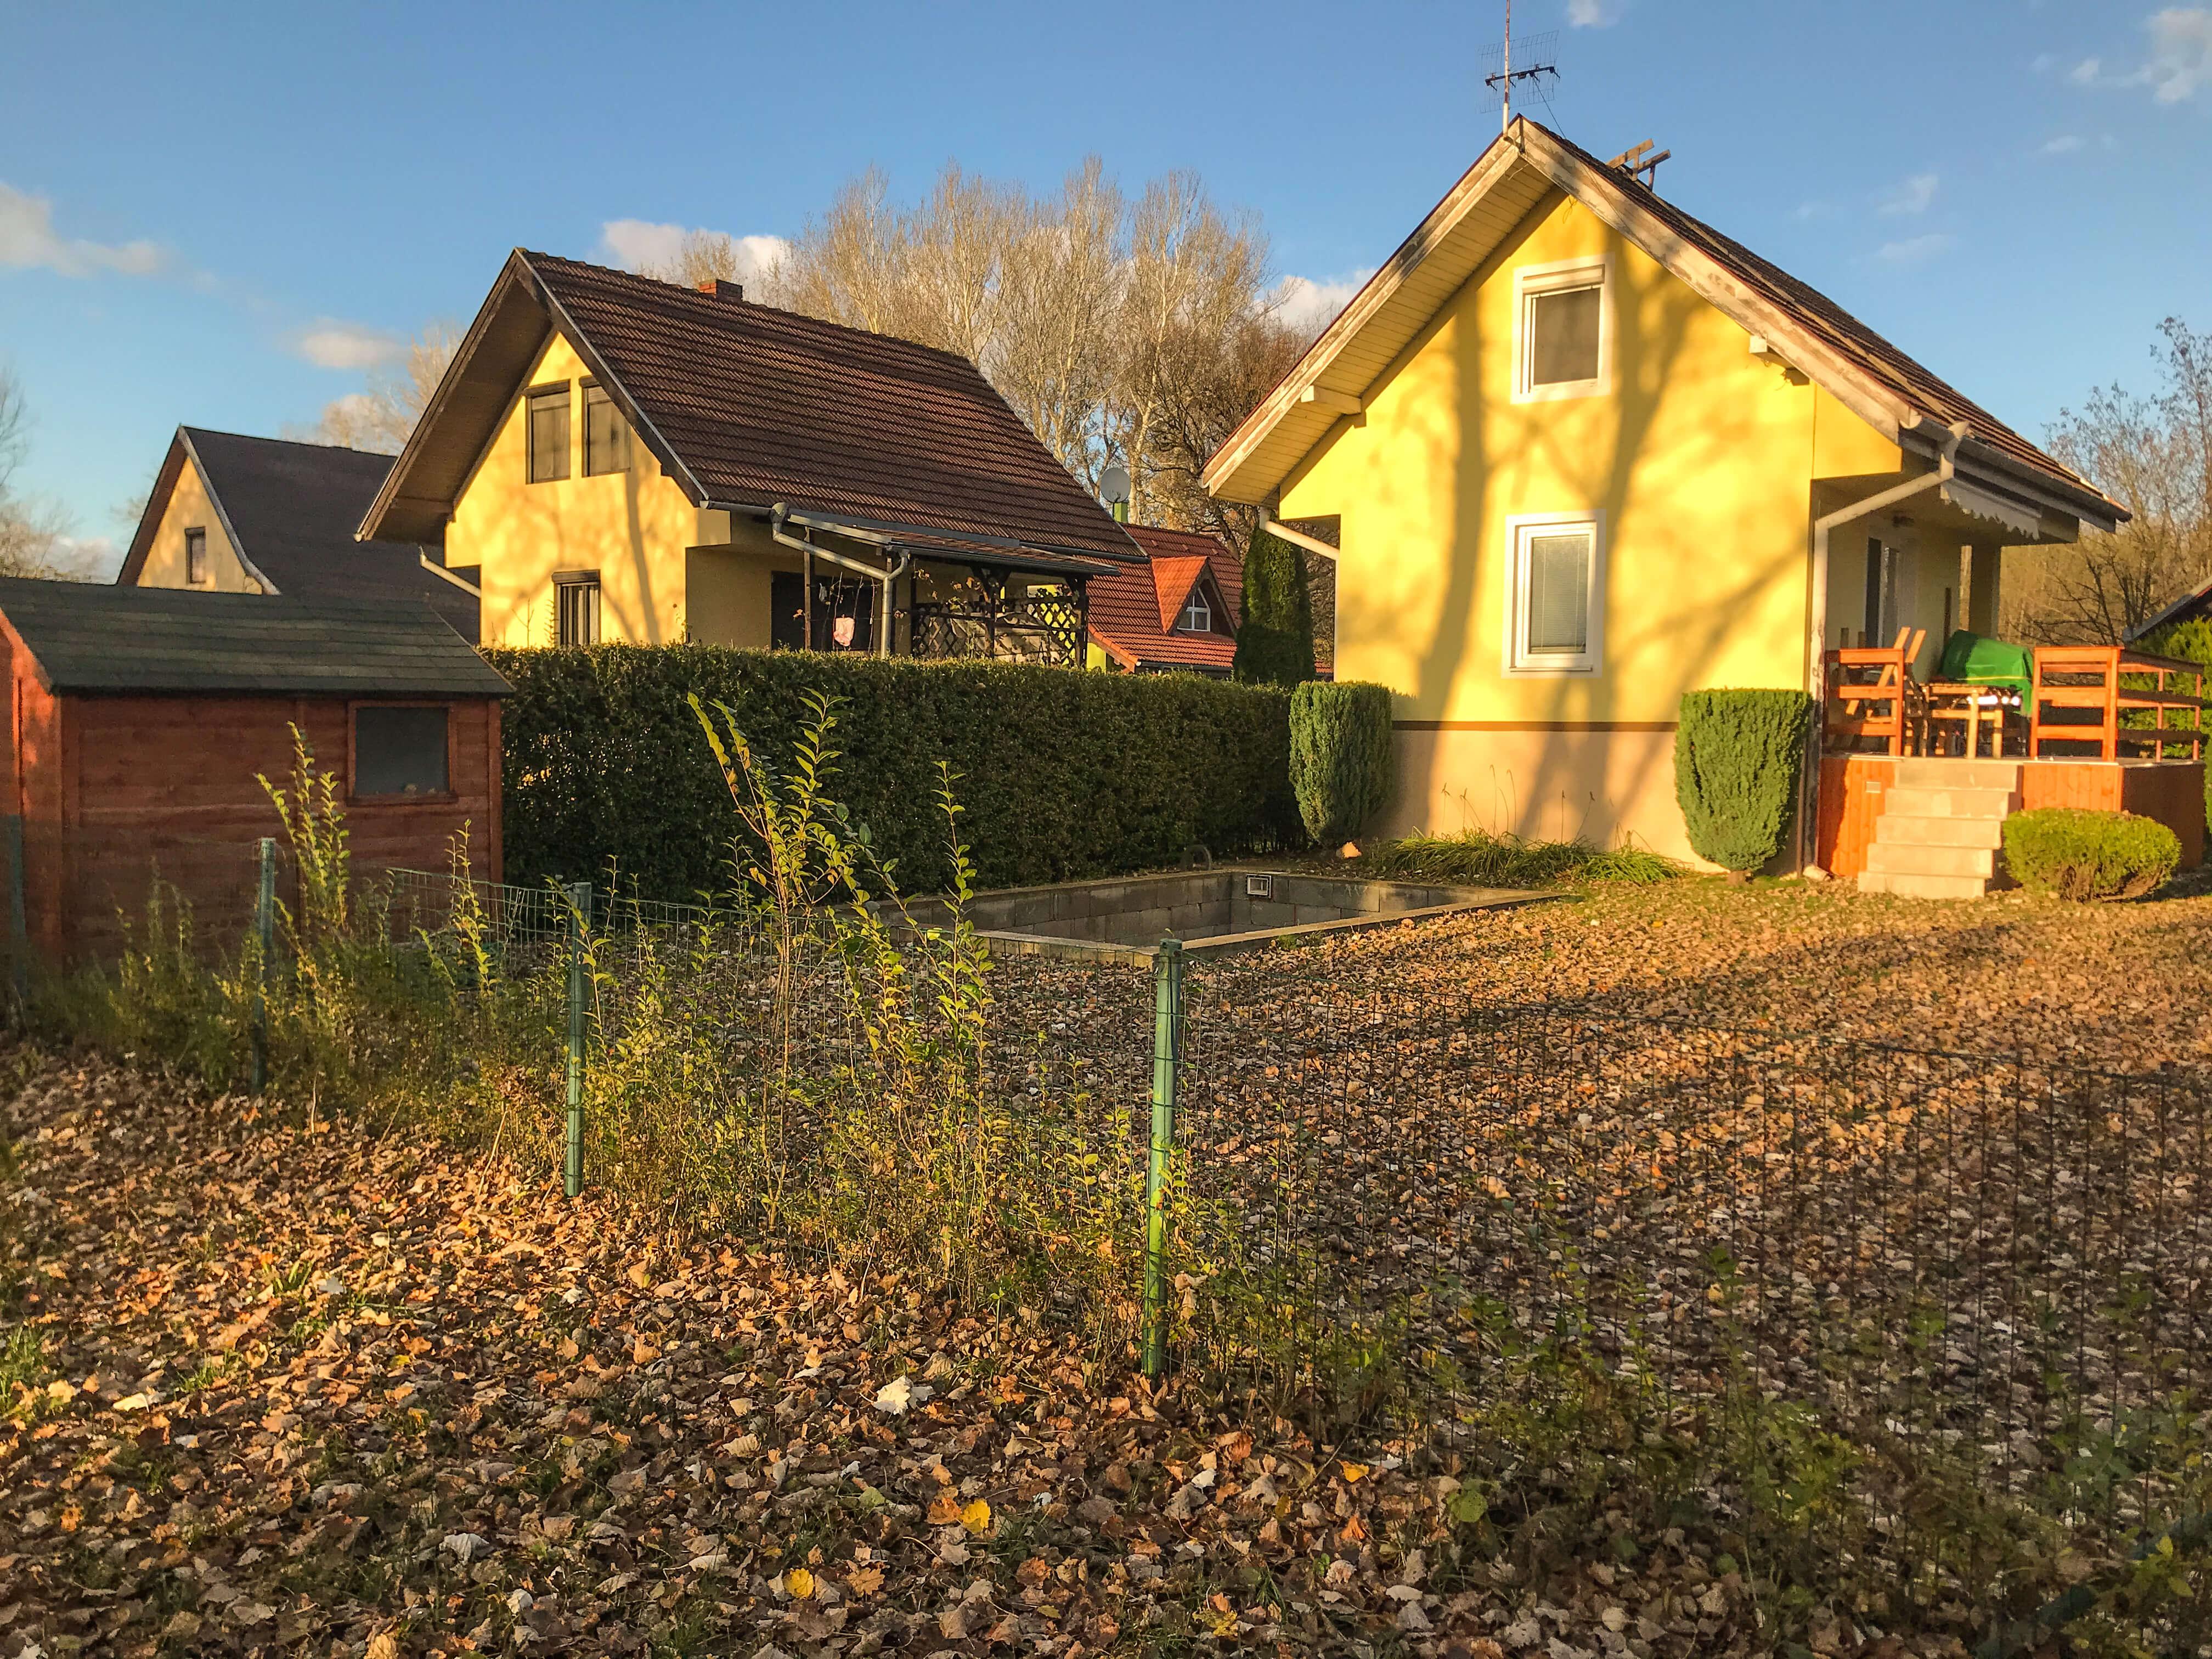 Predané: Exkluzívne 3 izbová chata o výmere 70m2 s 300m2 pozemkom, 2 podložná, v Gabčíkove pri hrádzi, kompe-47